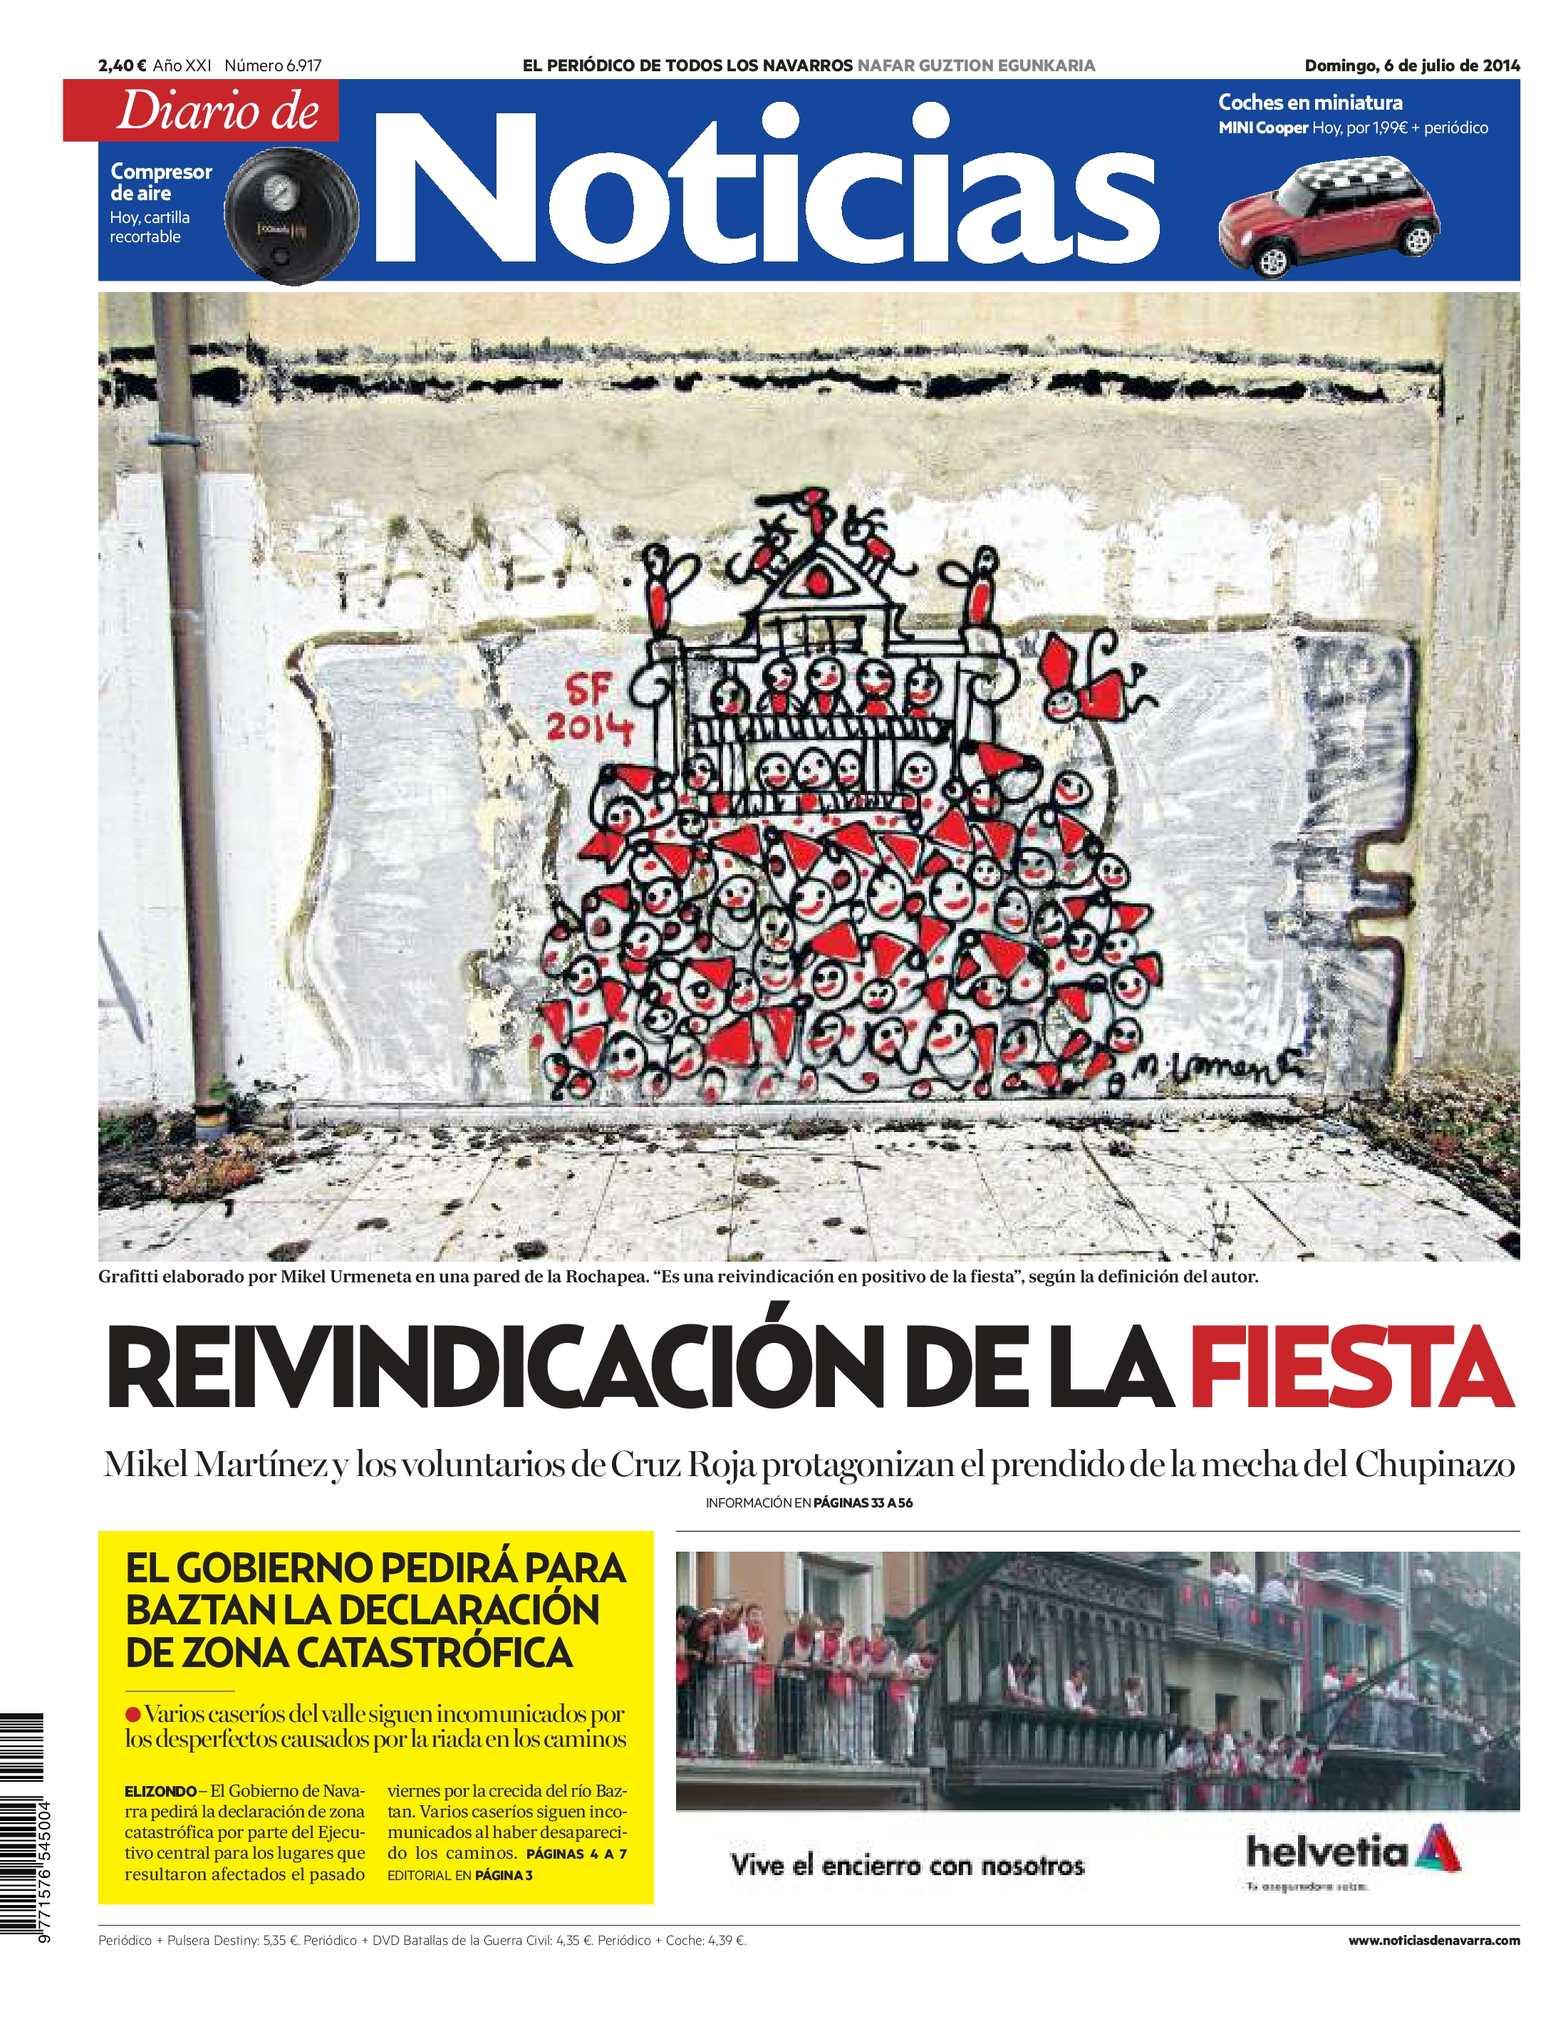 Calaméo - Diario de Noticias 20140706